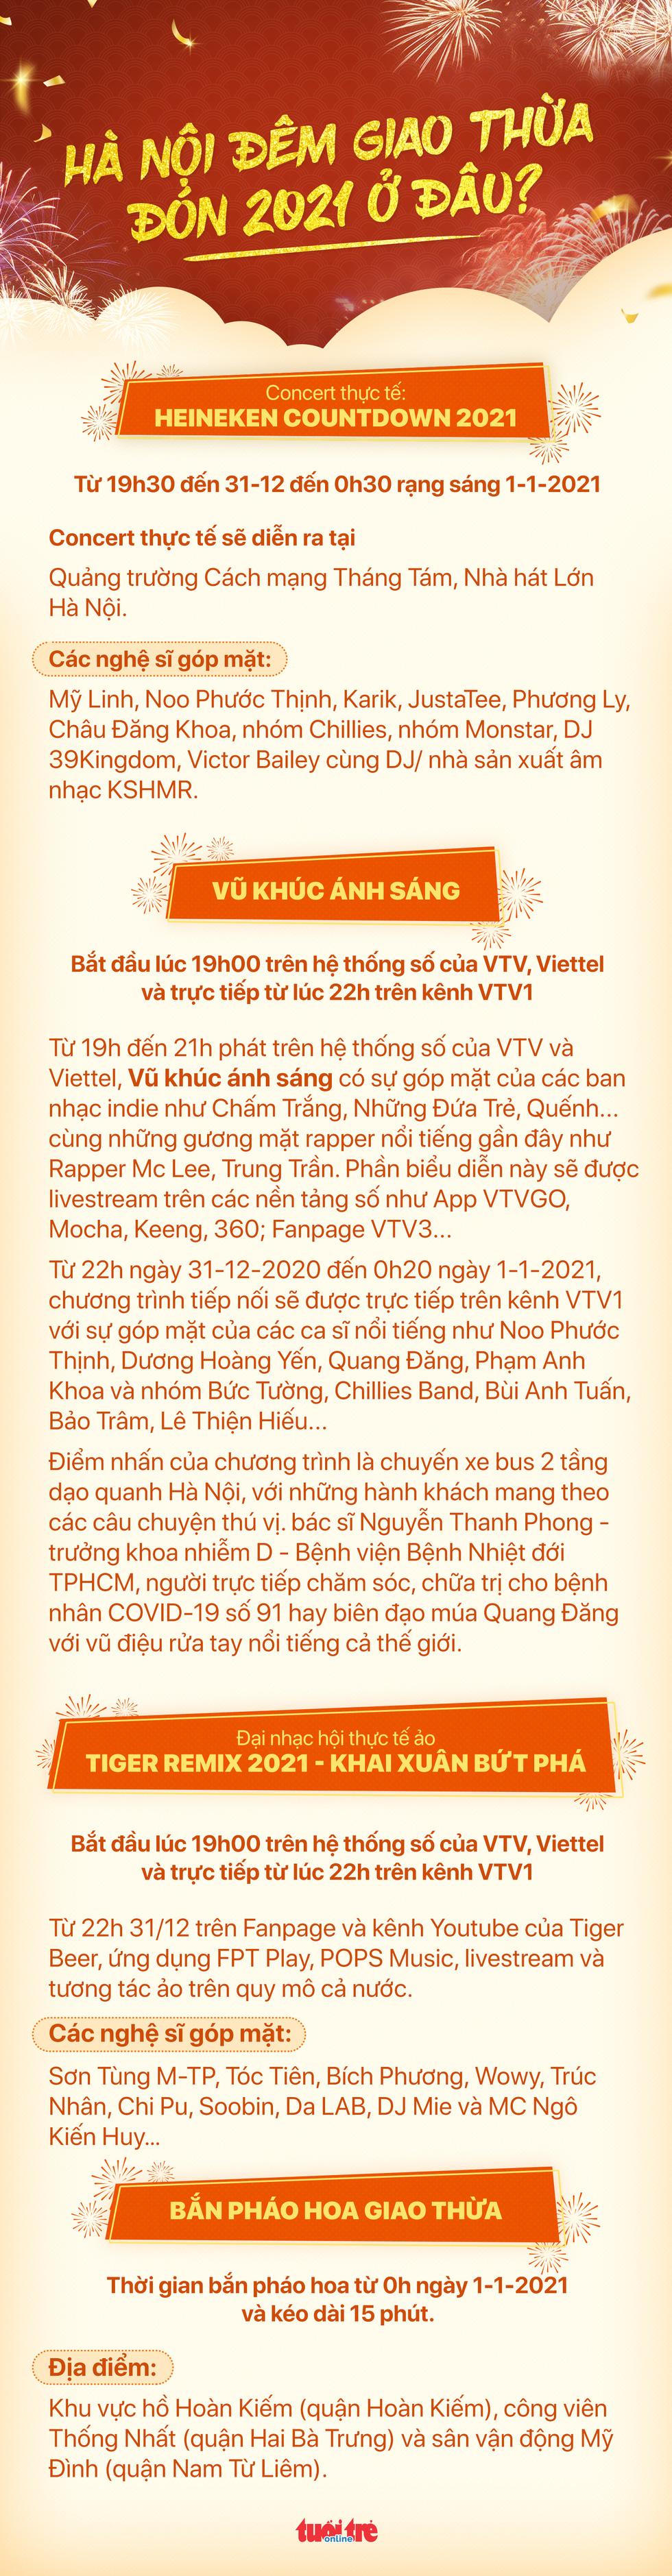 Đón giao thừa Tết dương lịch 2021 ở đâu giữa Hà Nội, Đà Nẵng và TP.HCM - Ảnh 1.